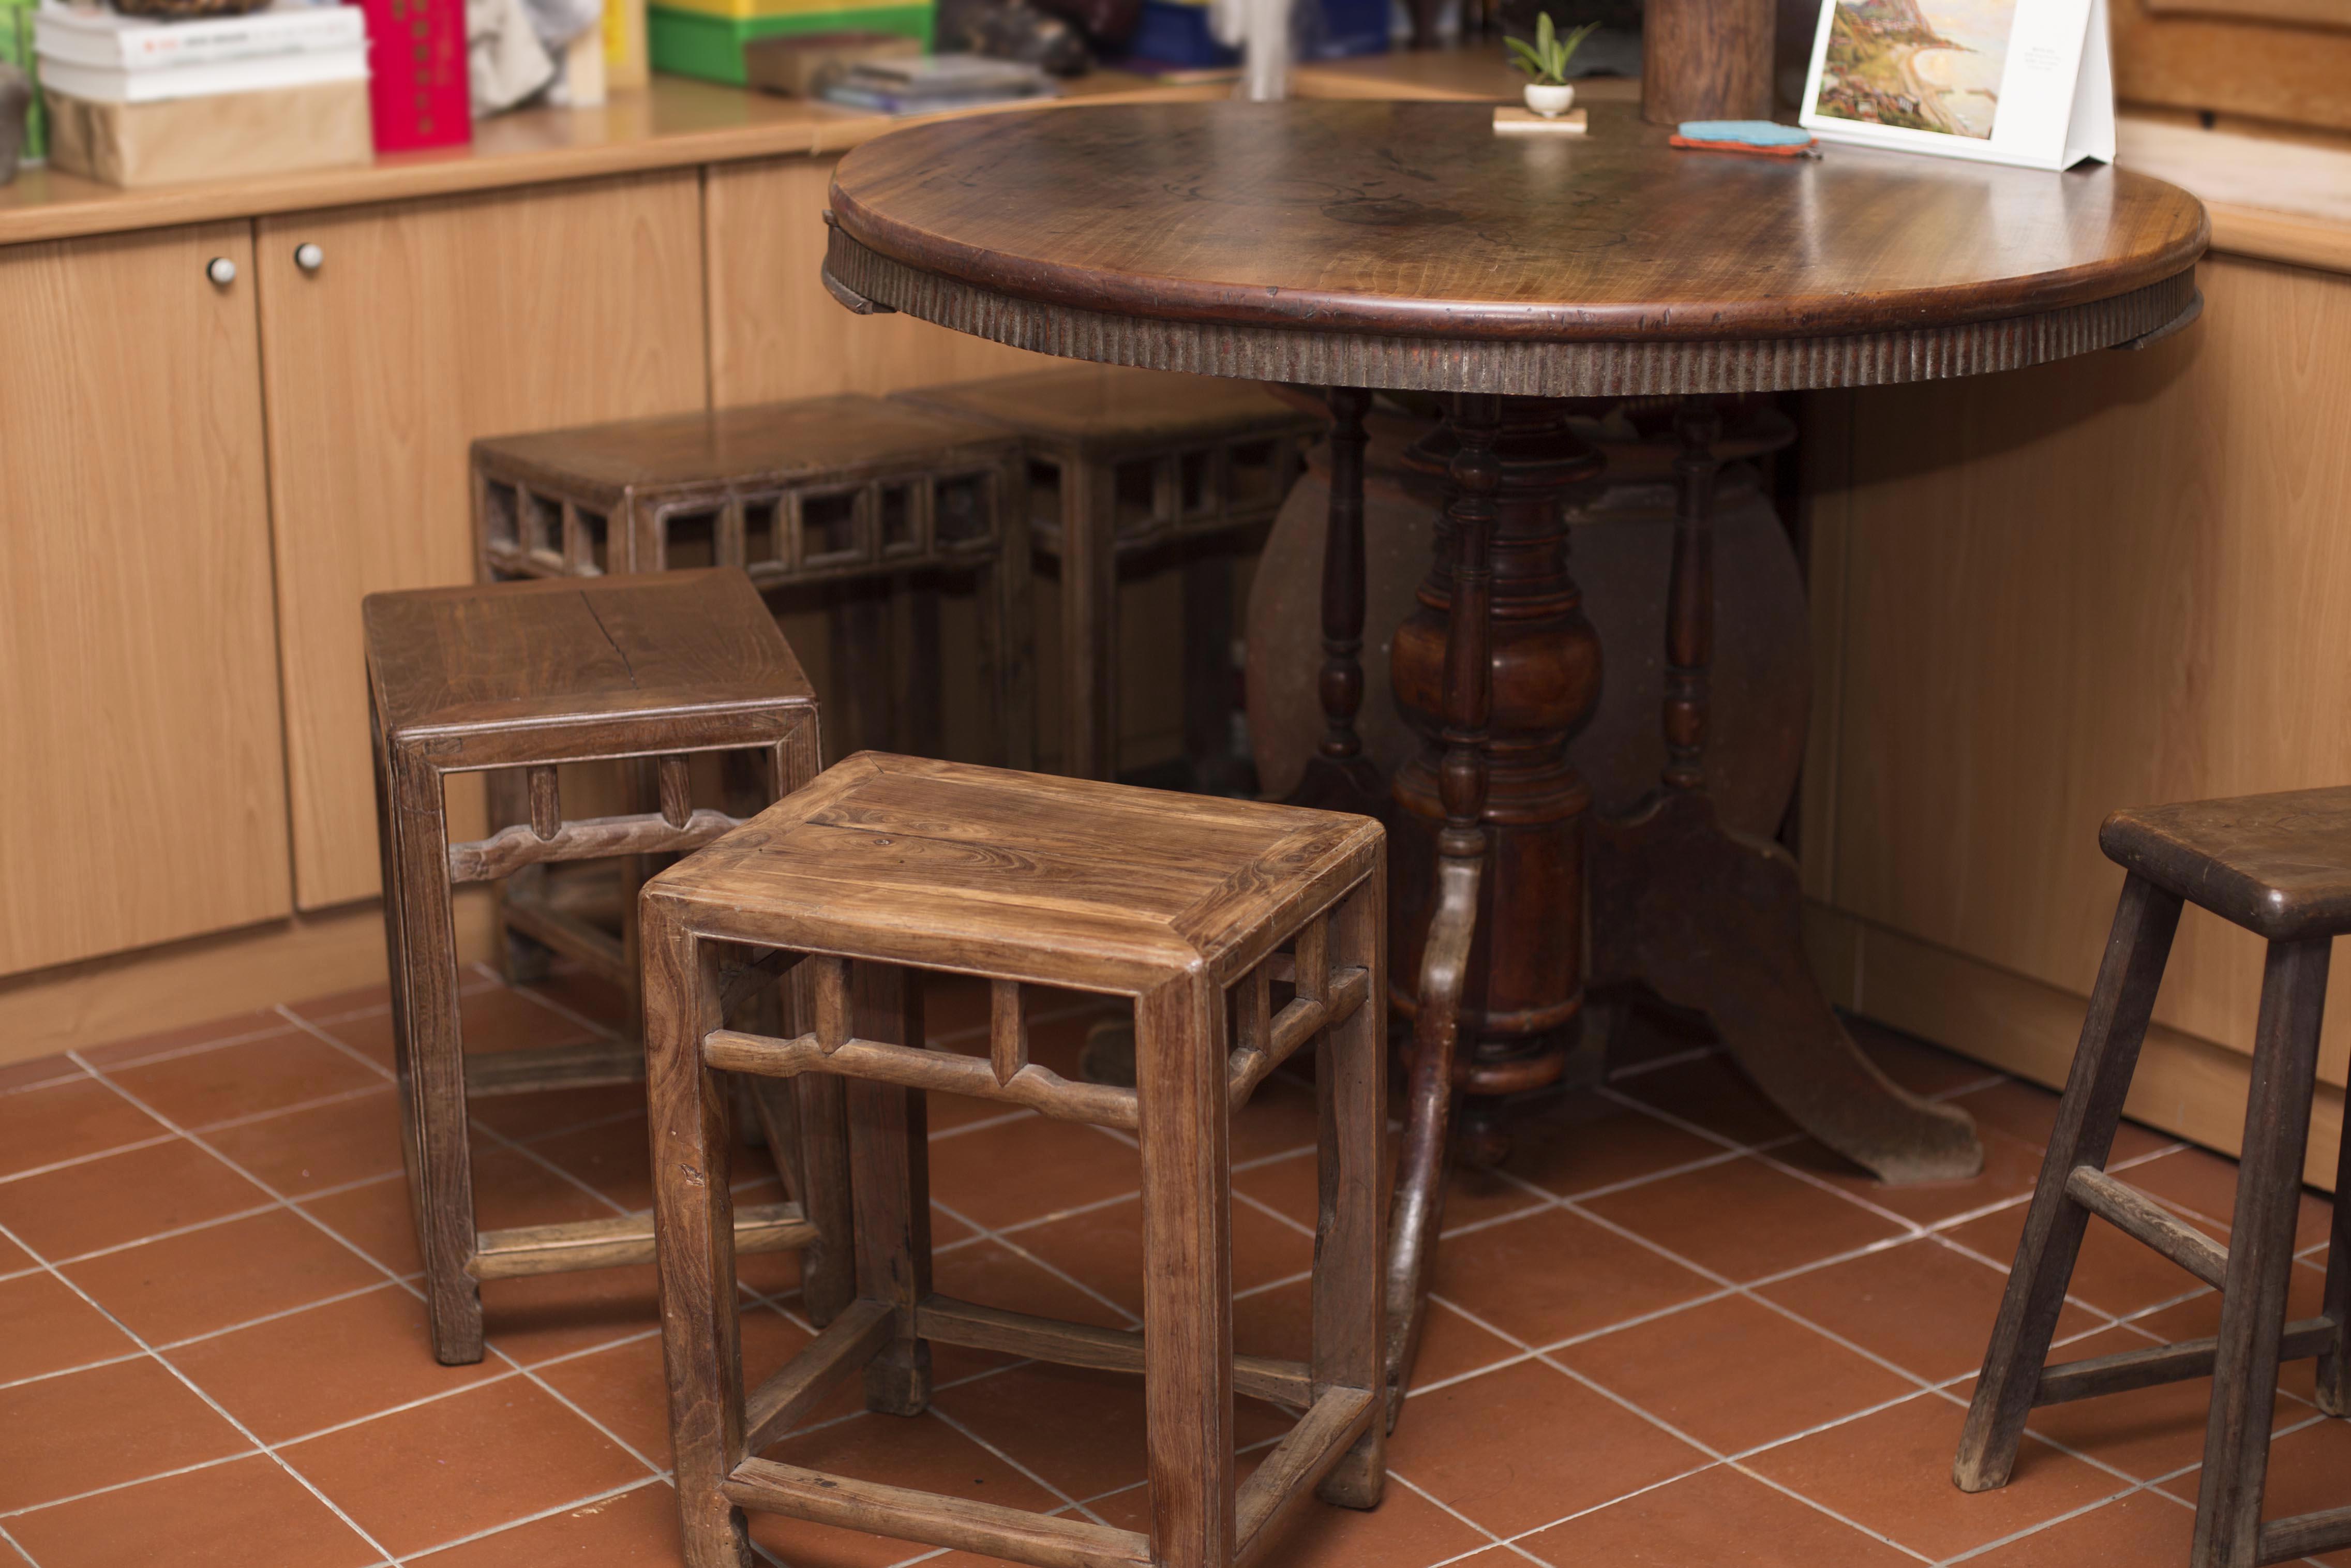 舊家具啟發了余舜德的研究興趣,直到現在他的研究室中,仍然擺著好幾張很有歲月痕跡與韻味的舊桌椅。圖│研之有物